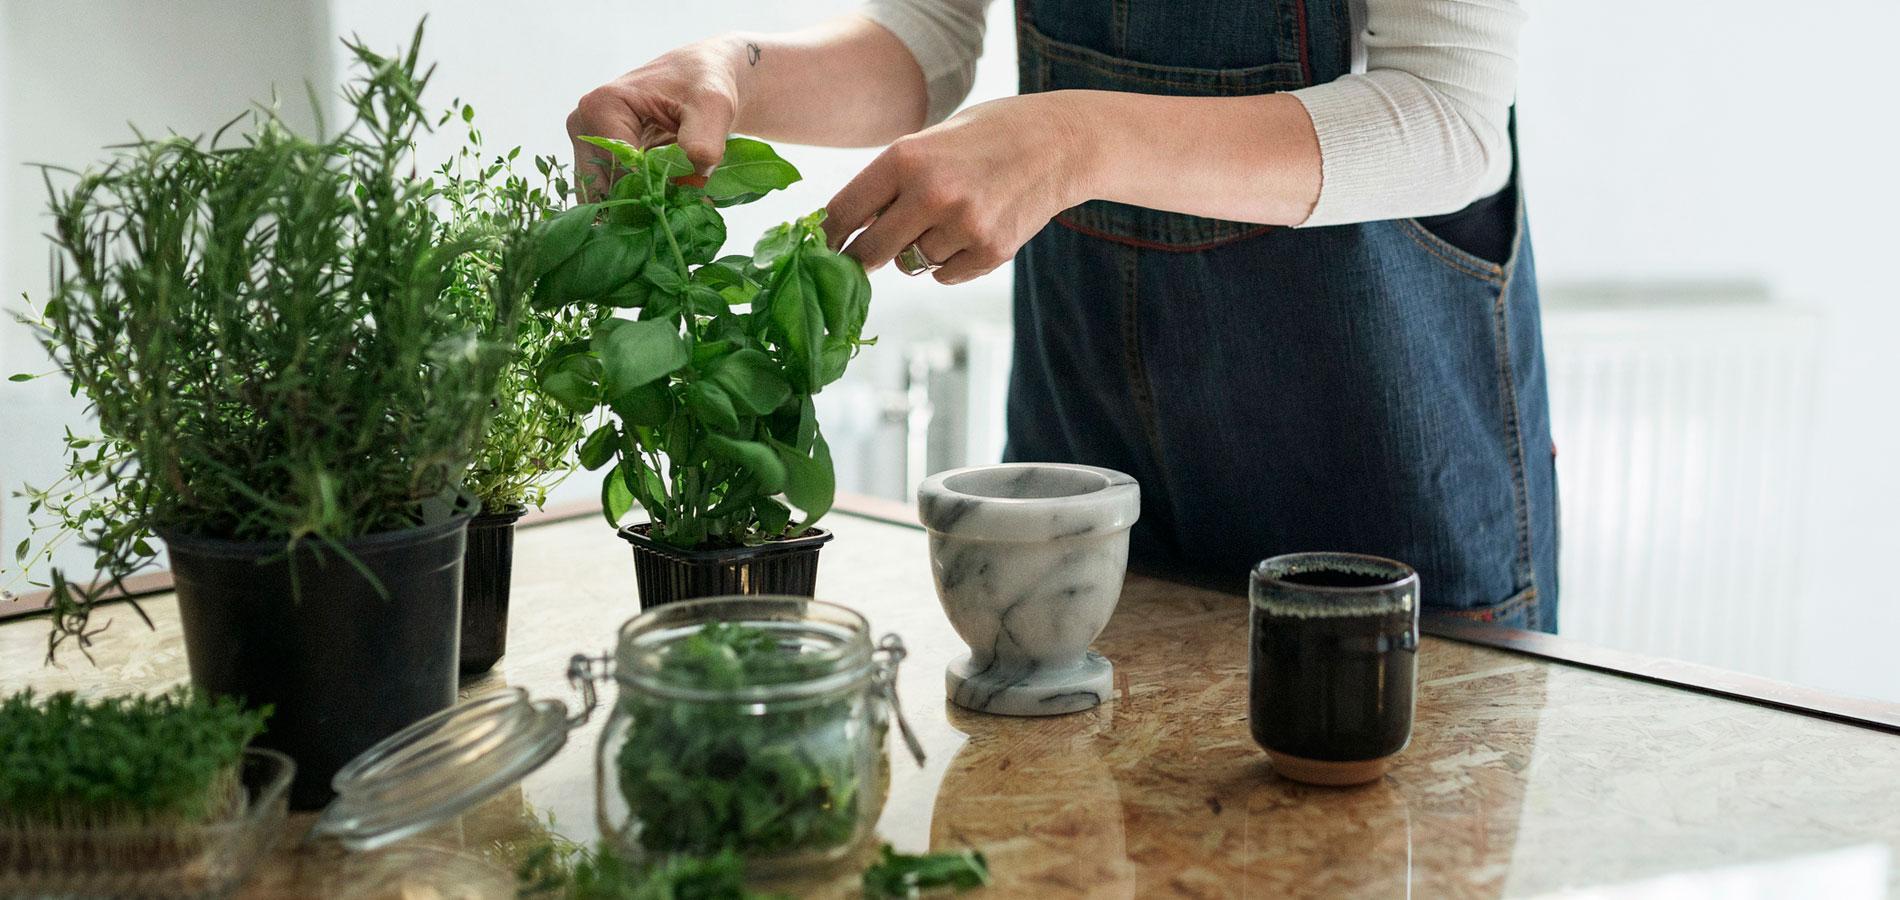 Comment Reussir A Garder Ses Plantes Aromatiques Dans Sa Cuisine